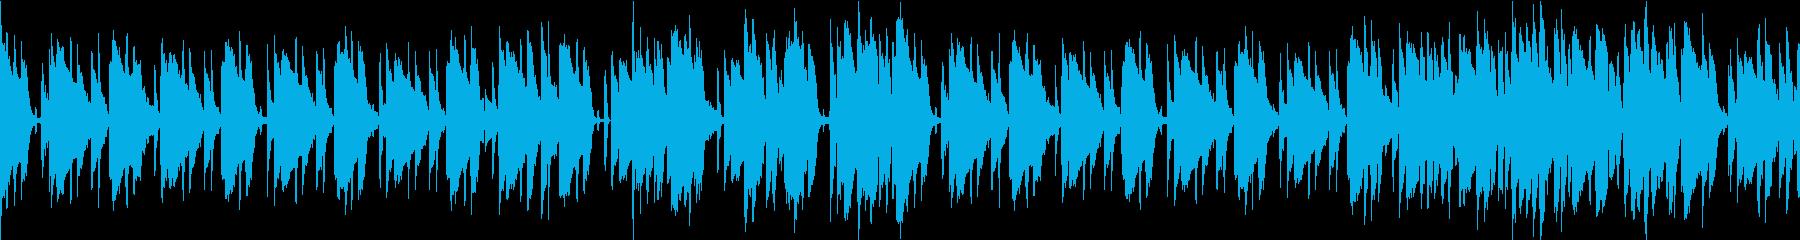 ハードボイルドな暮らしの再生済みの波形